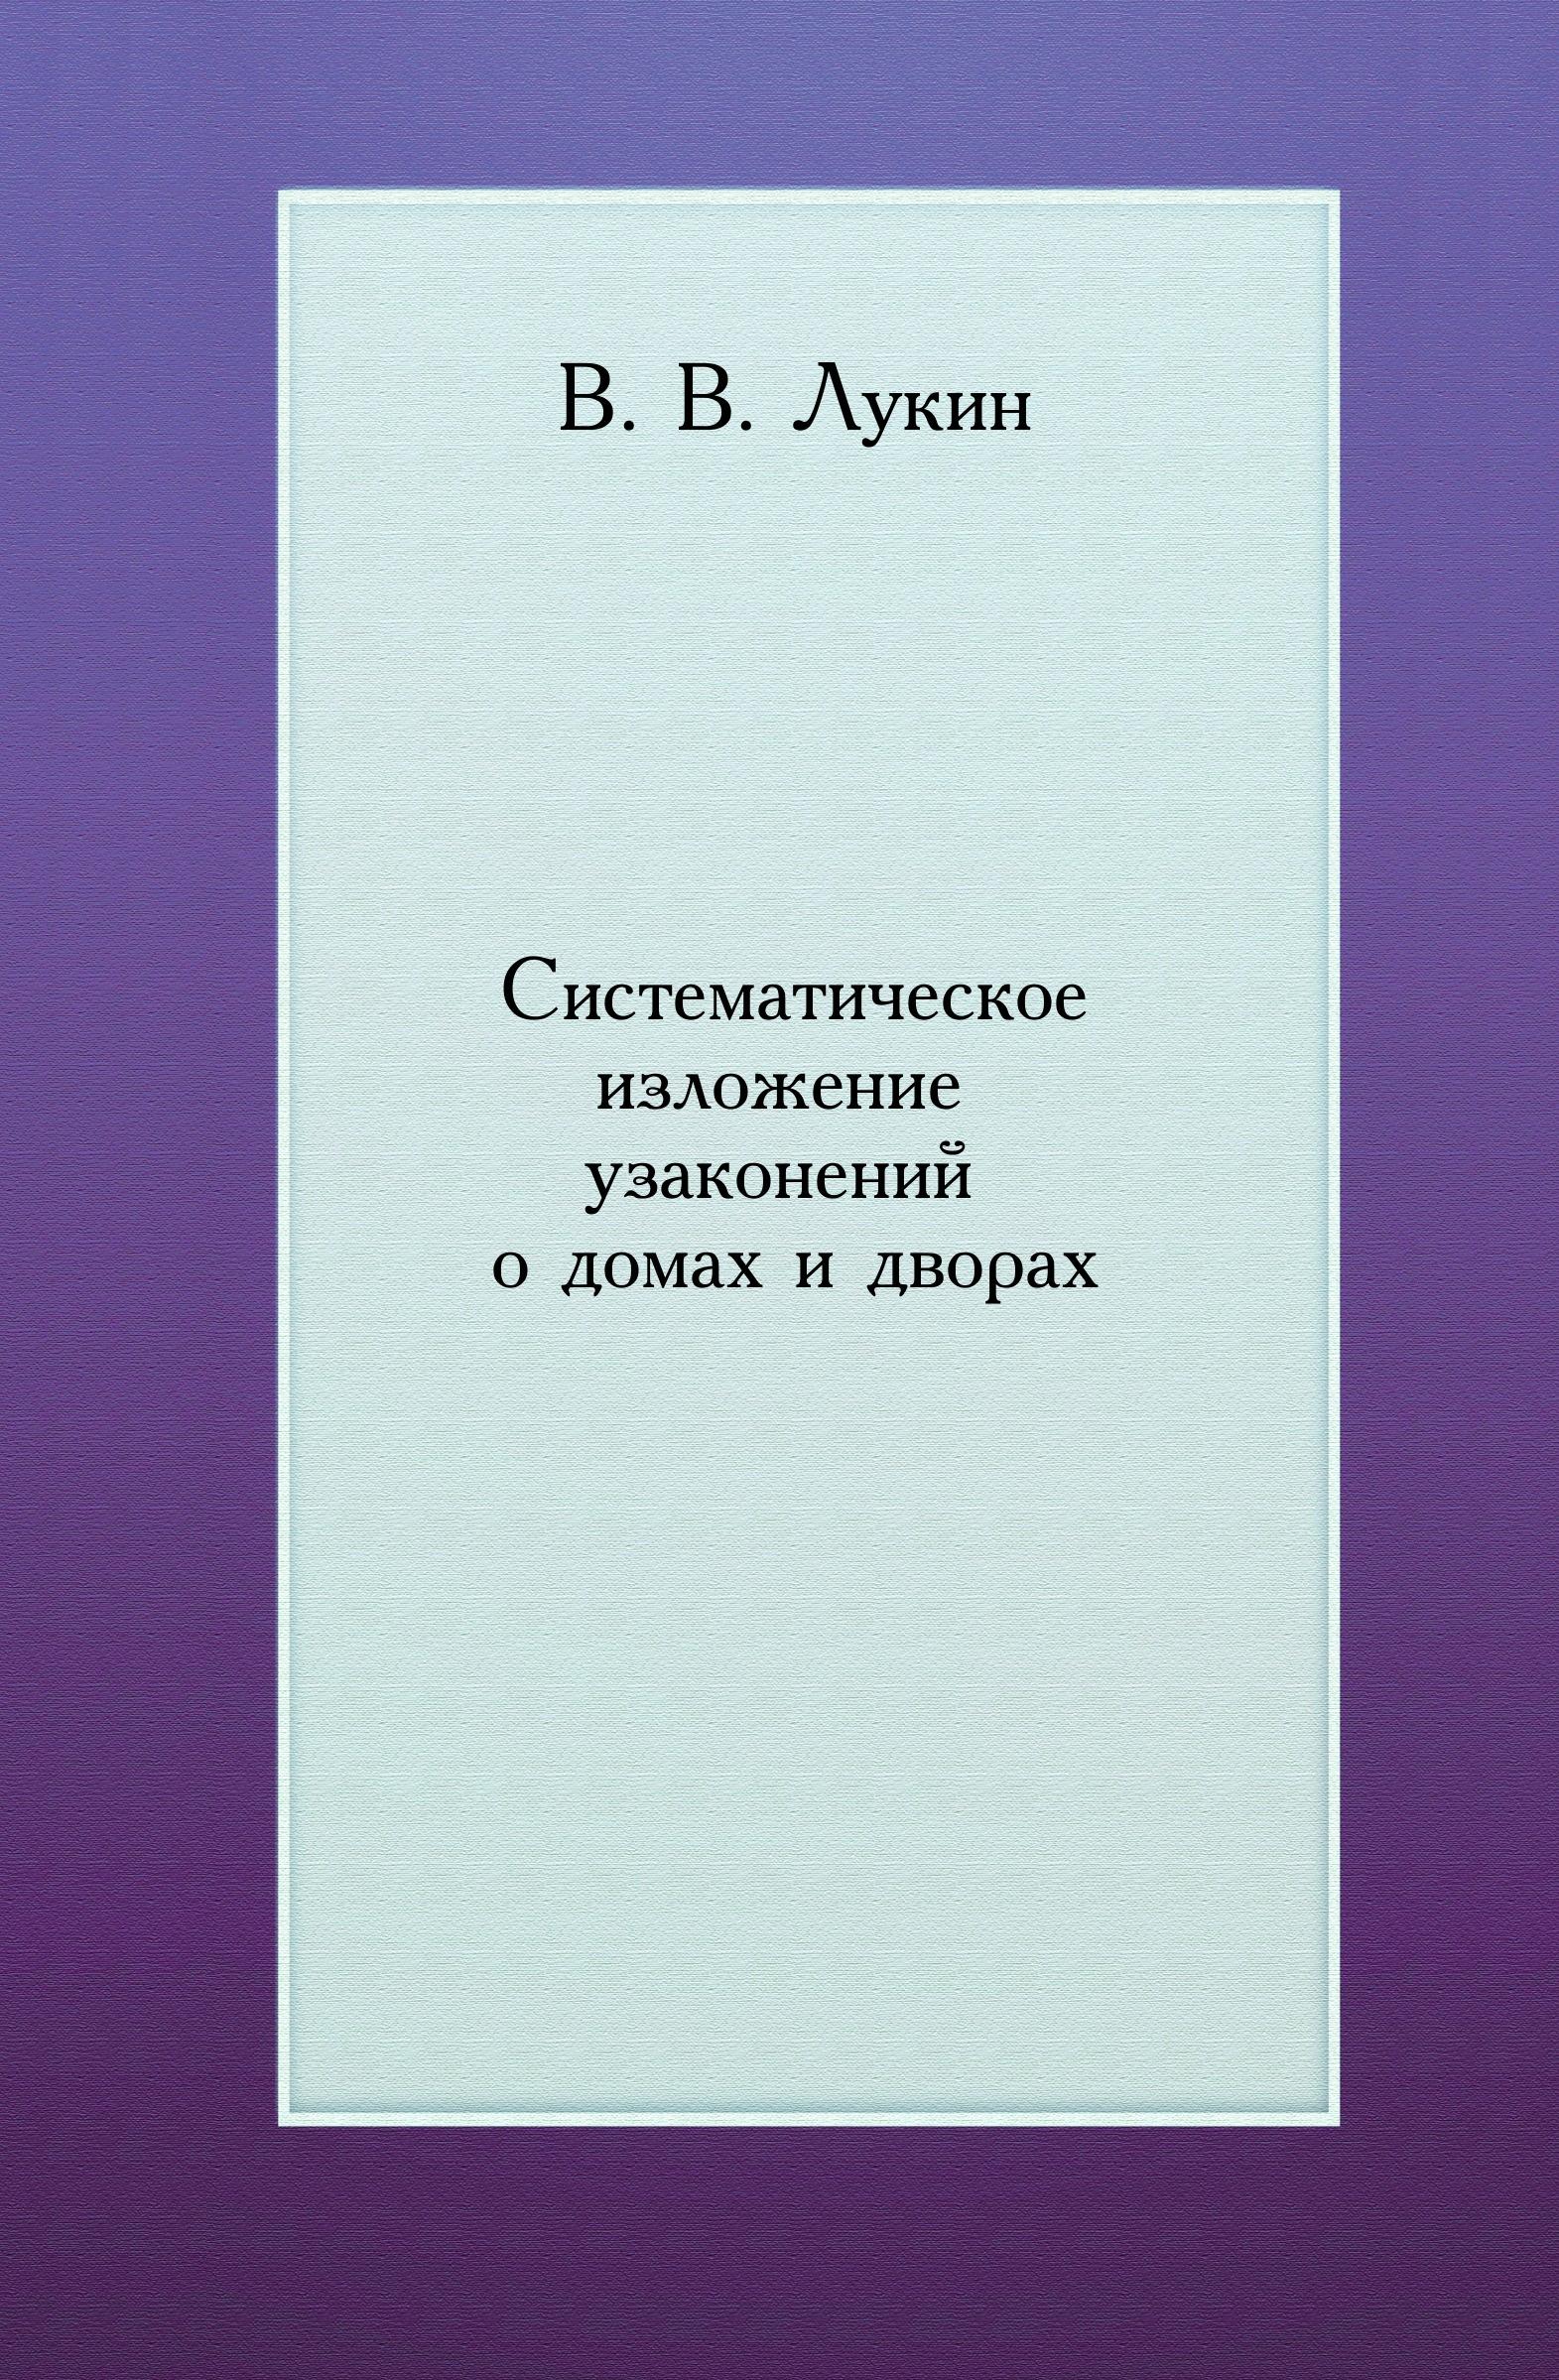 В.В. Лукин Систематическое изложение узаконений о домах и дворах